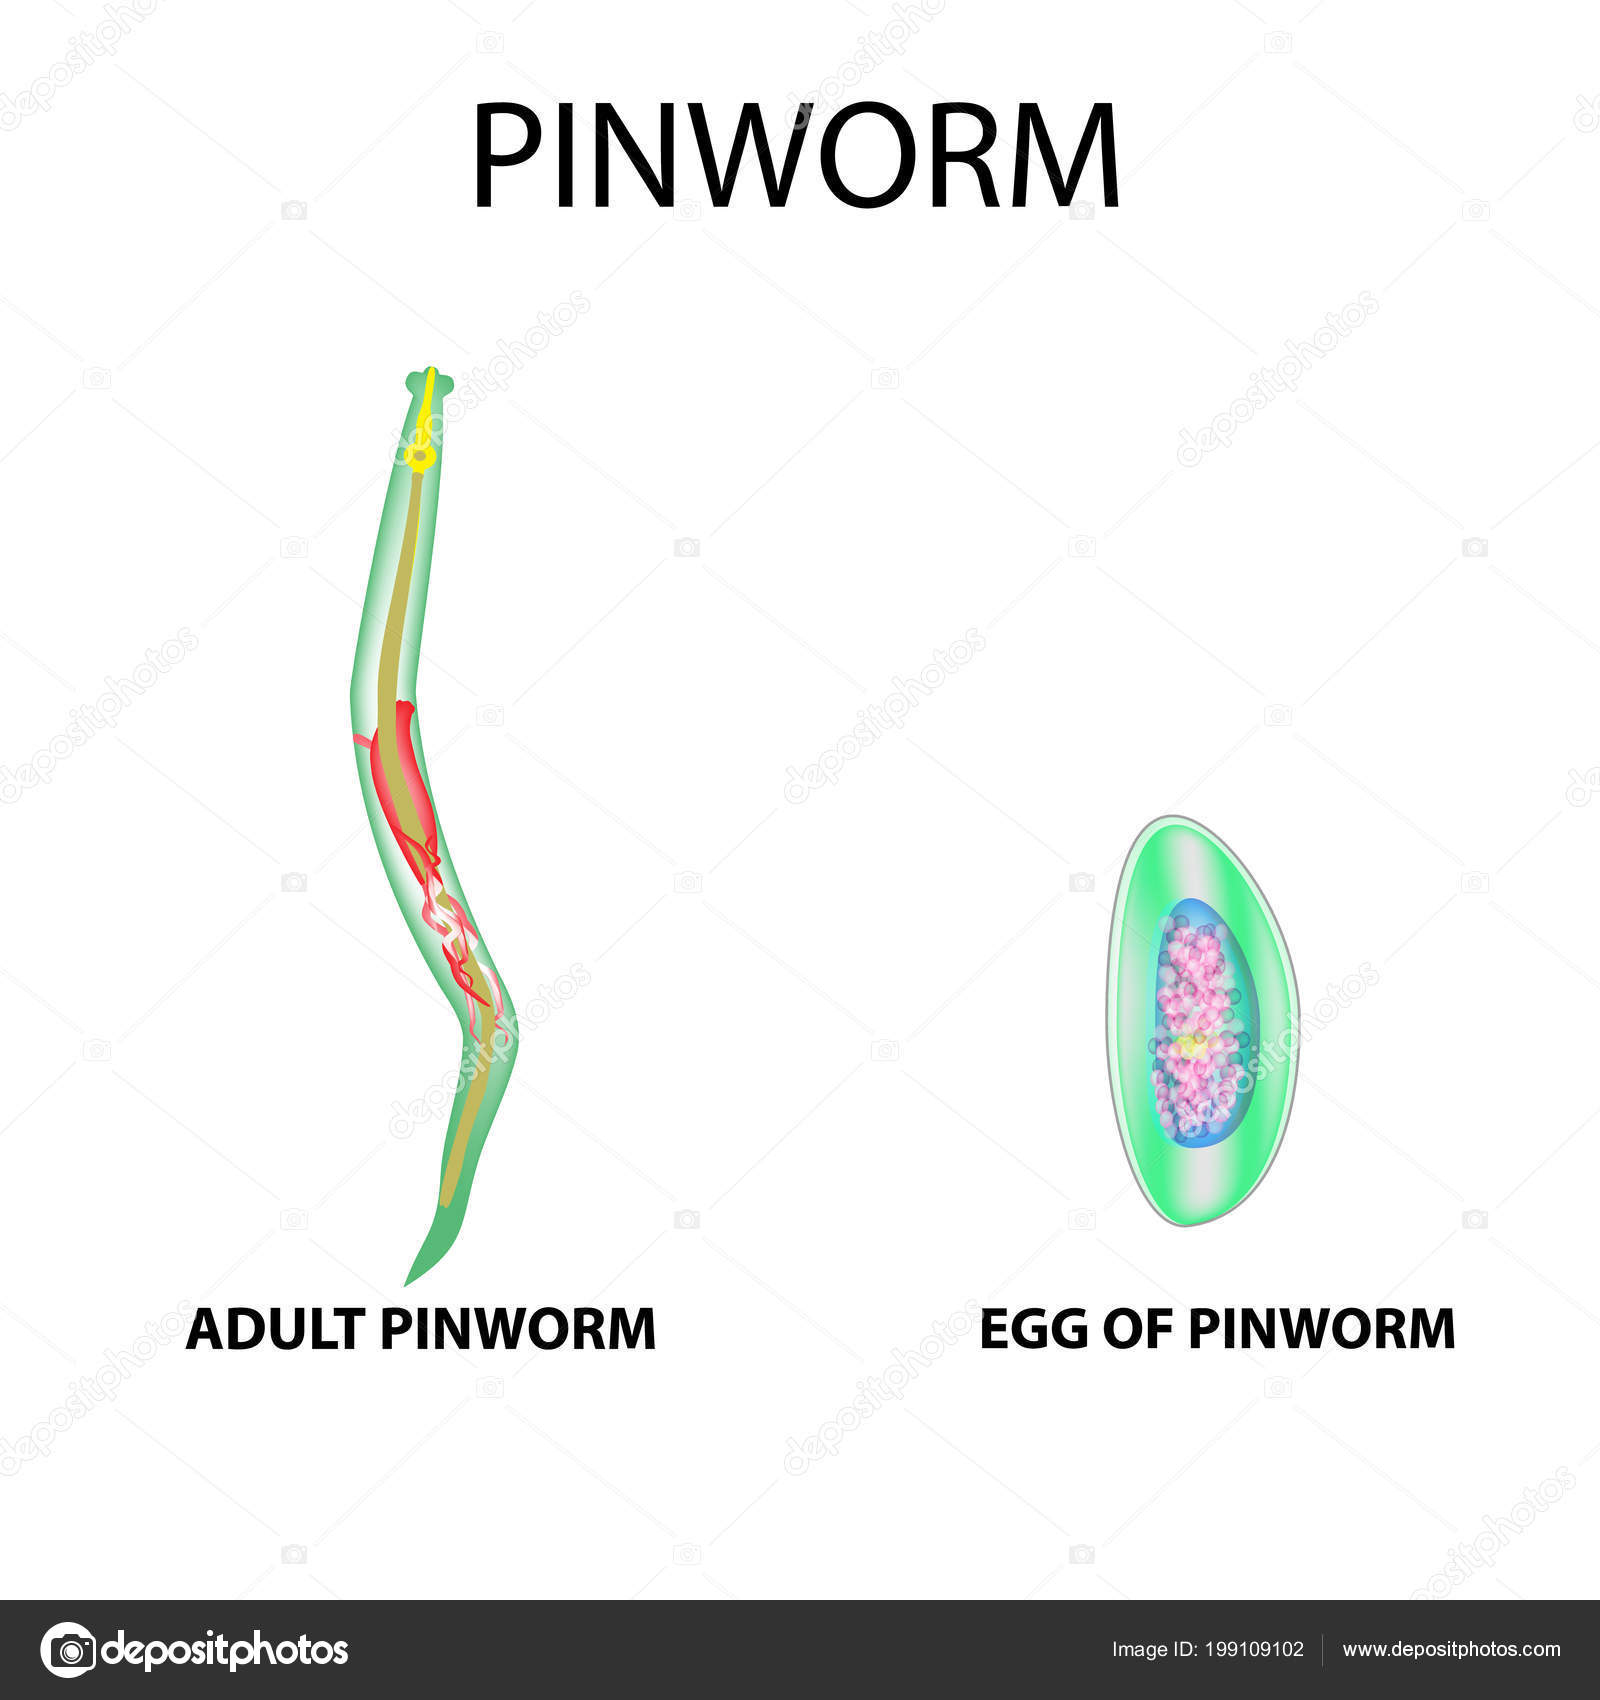 Pinworm ciklus, Enterobiasis (pinworms)